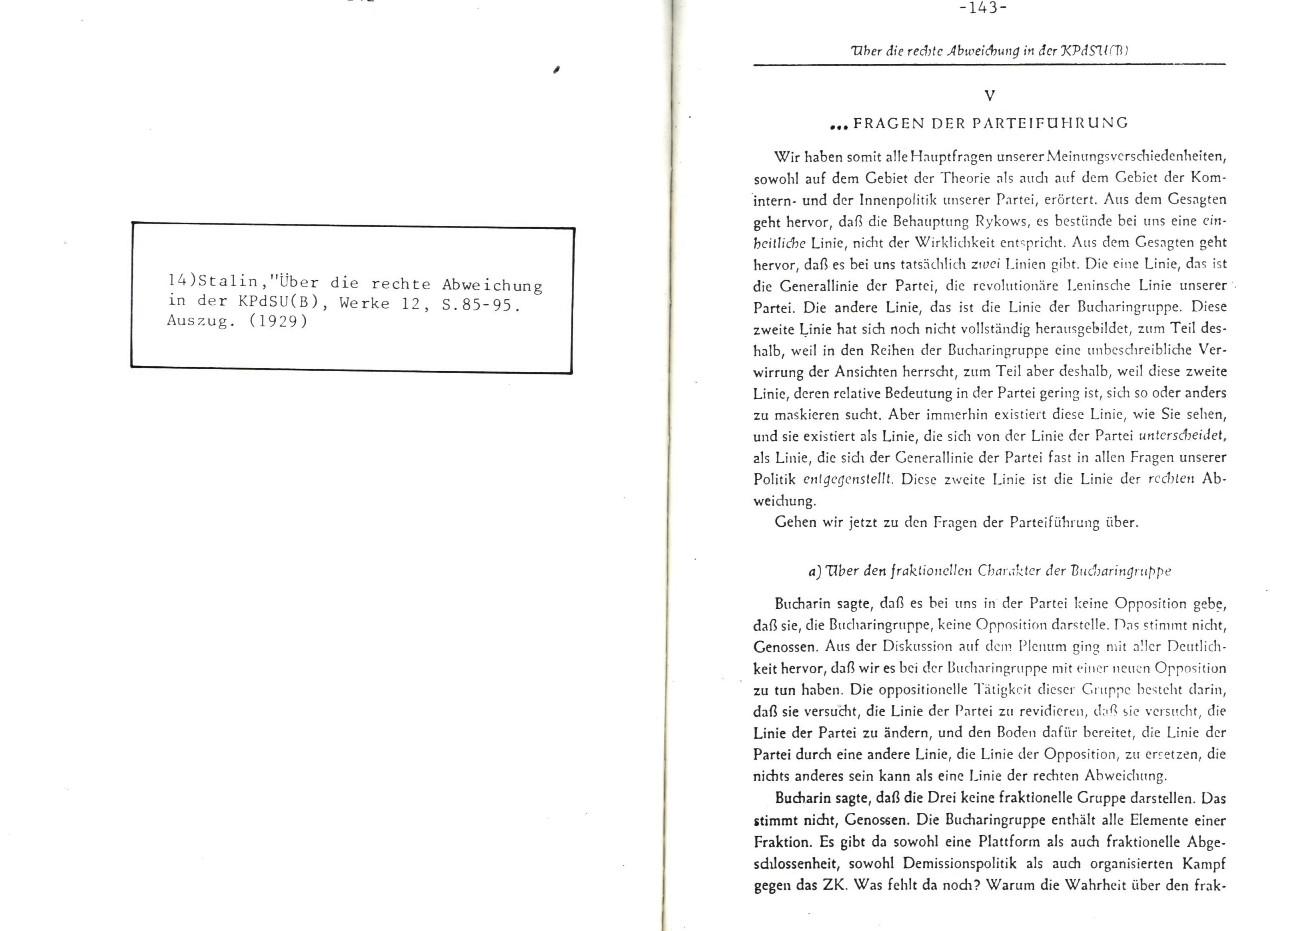 MLSK_Theorie_und_Praxis_des_ML_1979_25_72